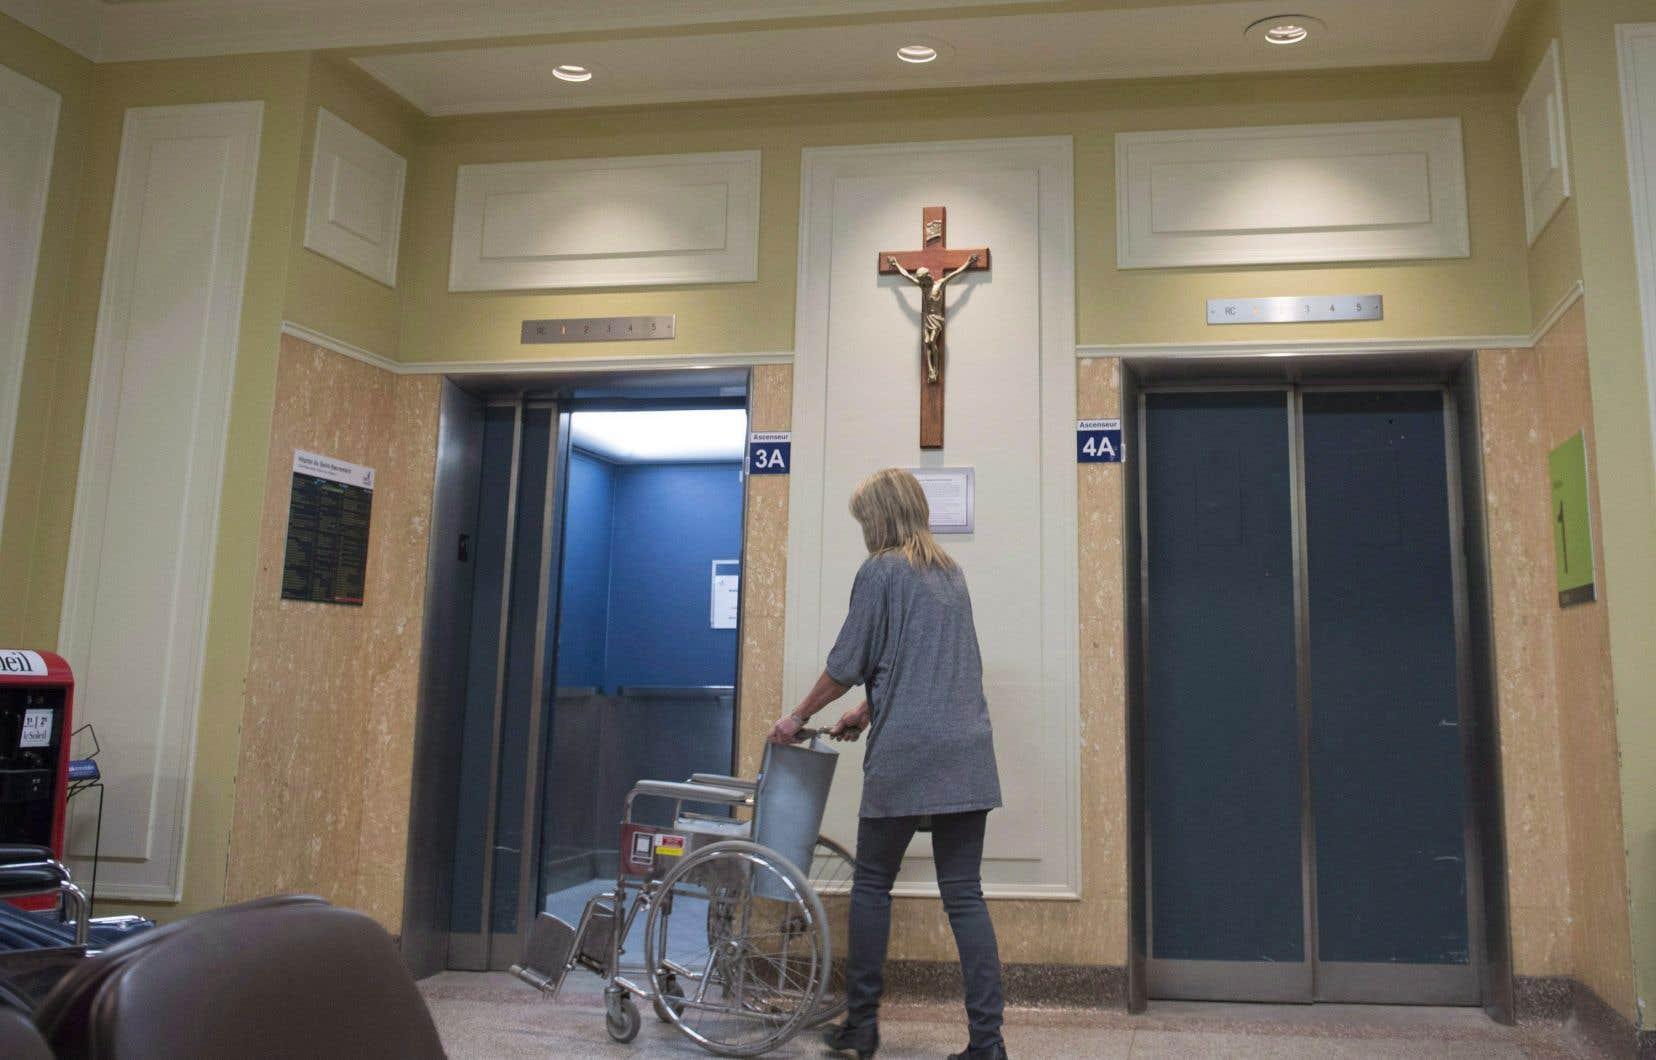 Un amendement ajouté à la dernière minute dans les heures précédant l'adoption de la Loi sur la laïcité de l'État, en juin, empêche tout citoyen de demander le retrait d'un symbole religieux.